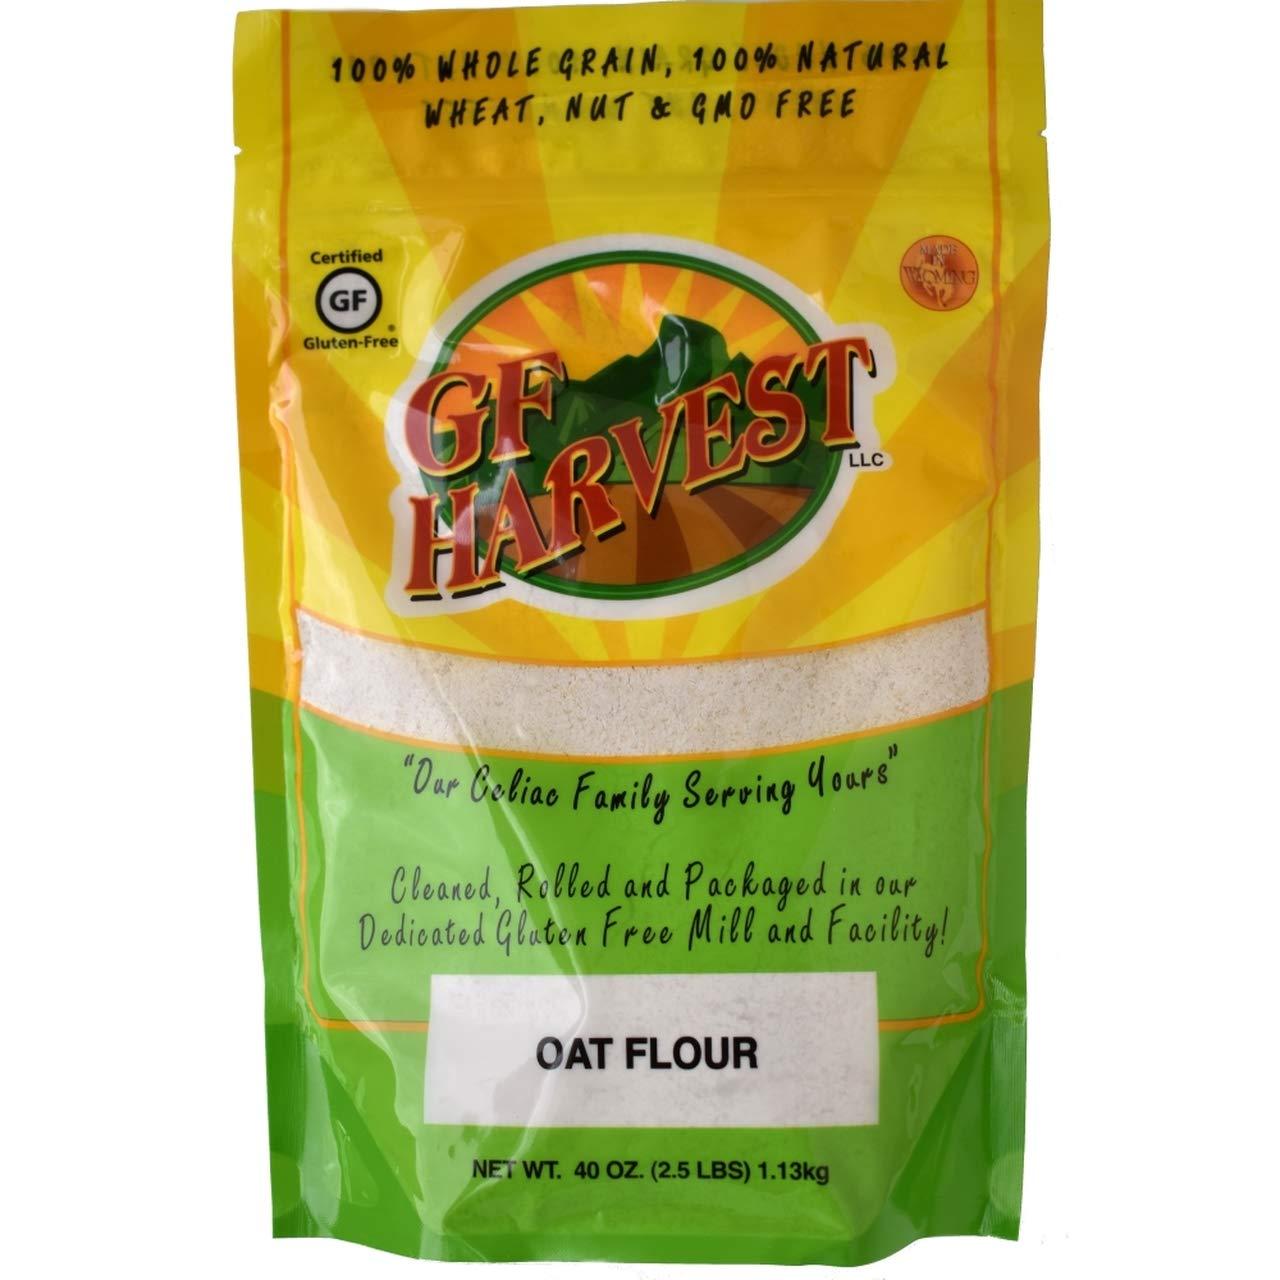 GF Harvest Gluten Free Bargain Oat Flour of Ounce Pack [Alternative dealer] 40 6